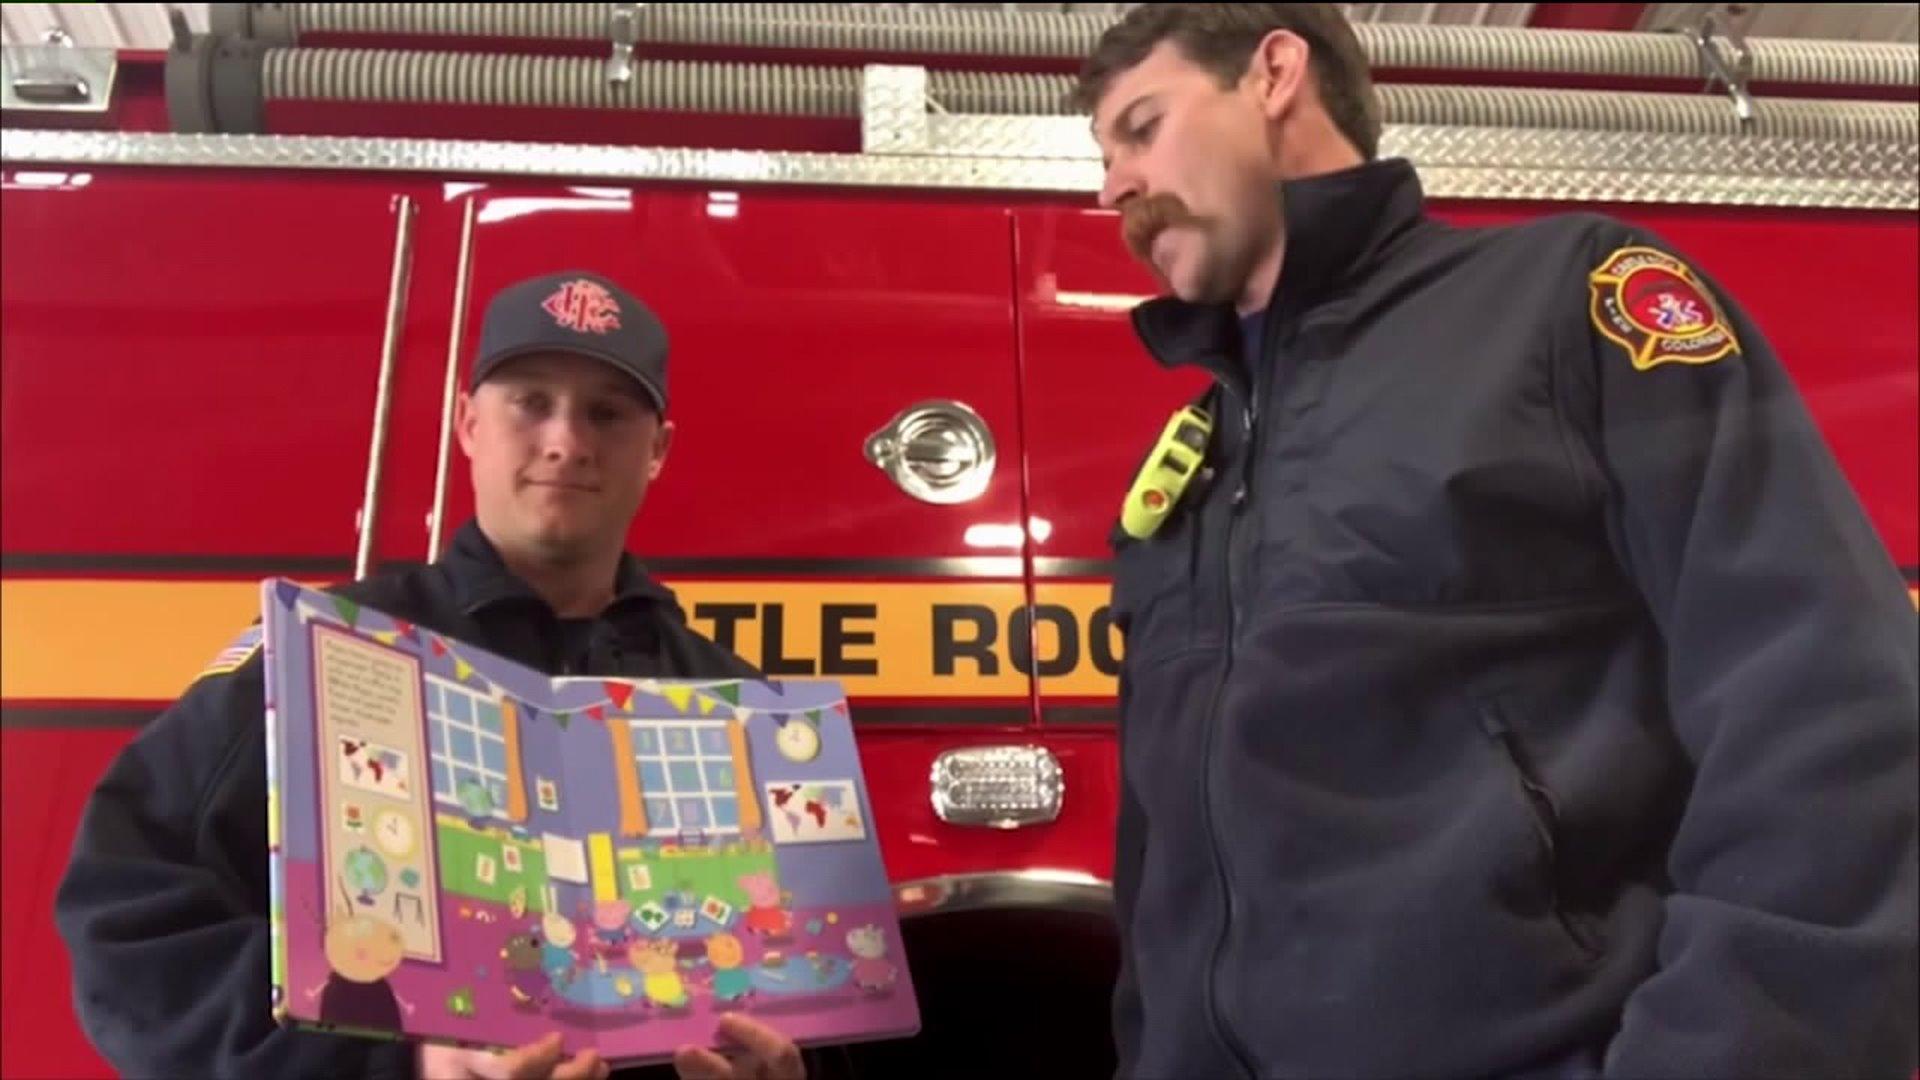 Castle Rock firefighters reading